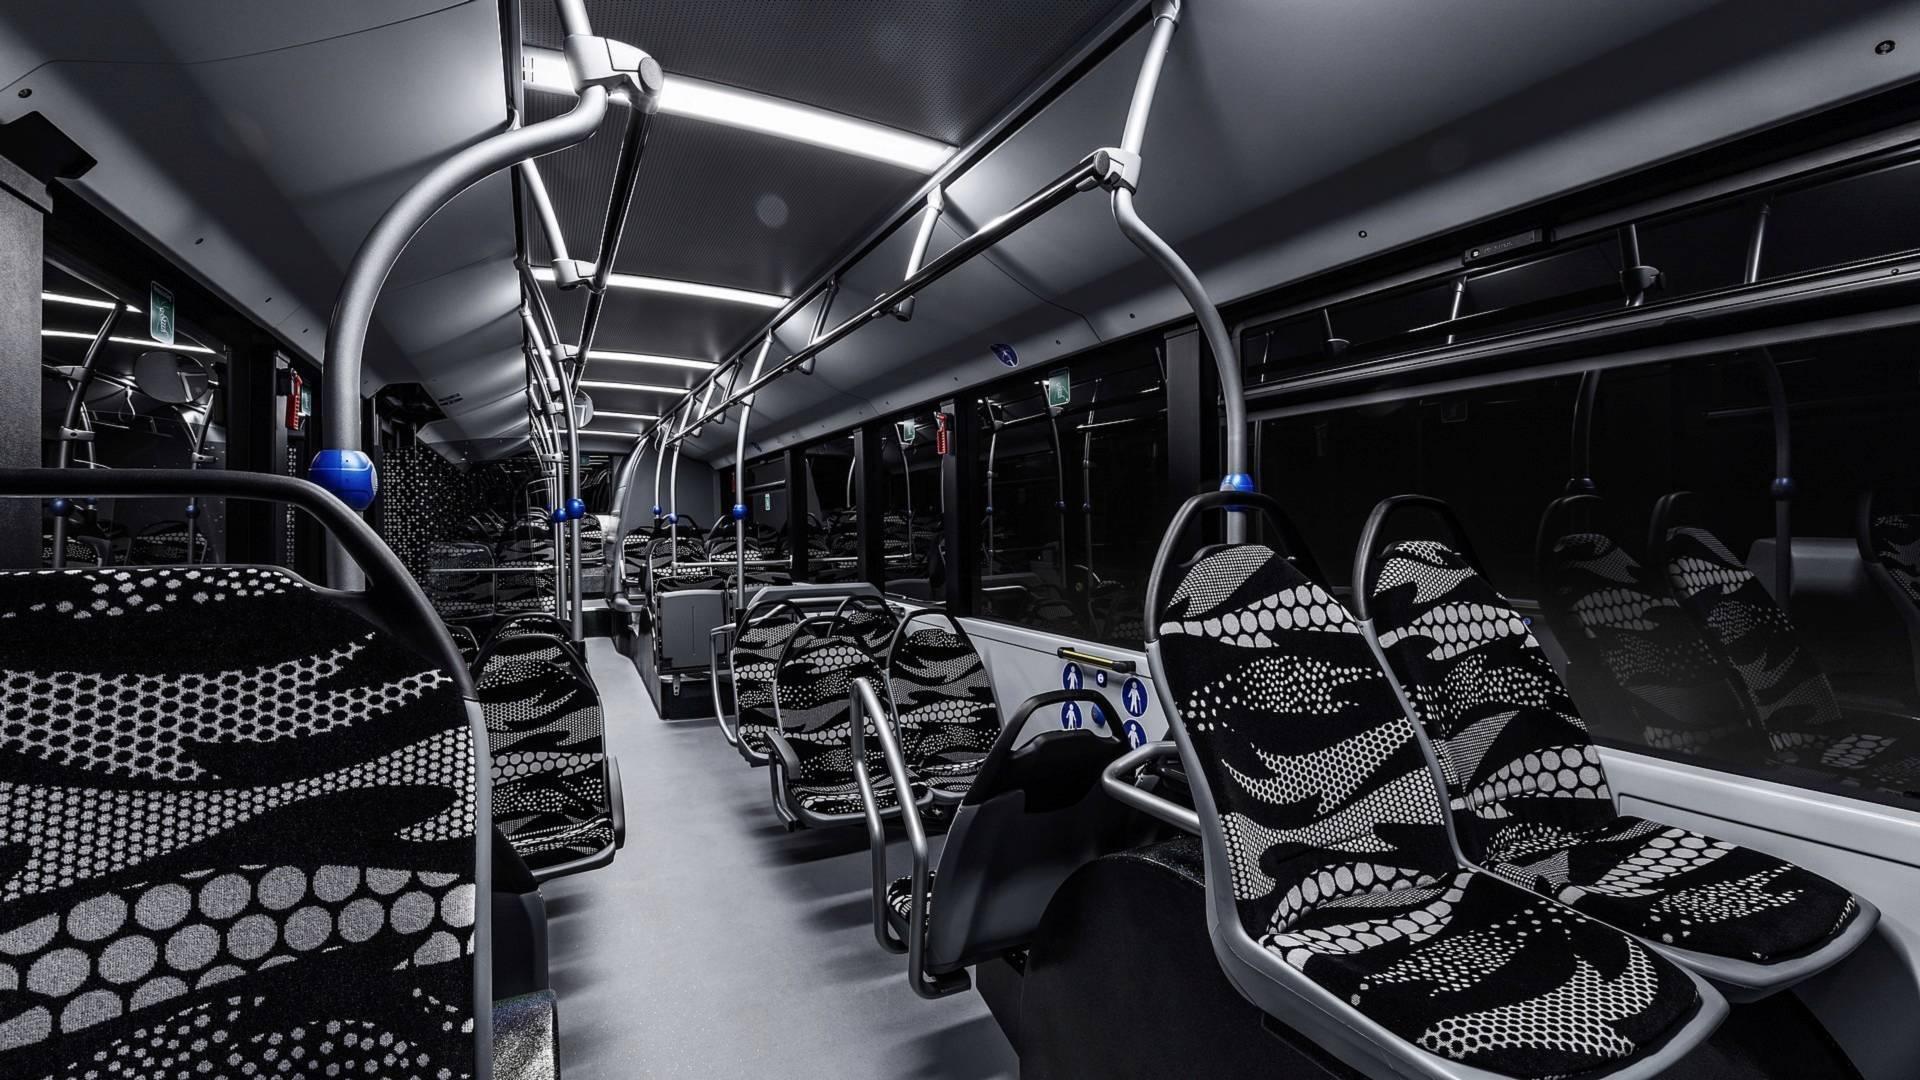 ئیسیتارو، اتوبوس الکتریکی بنز